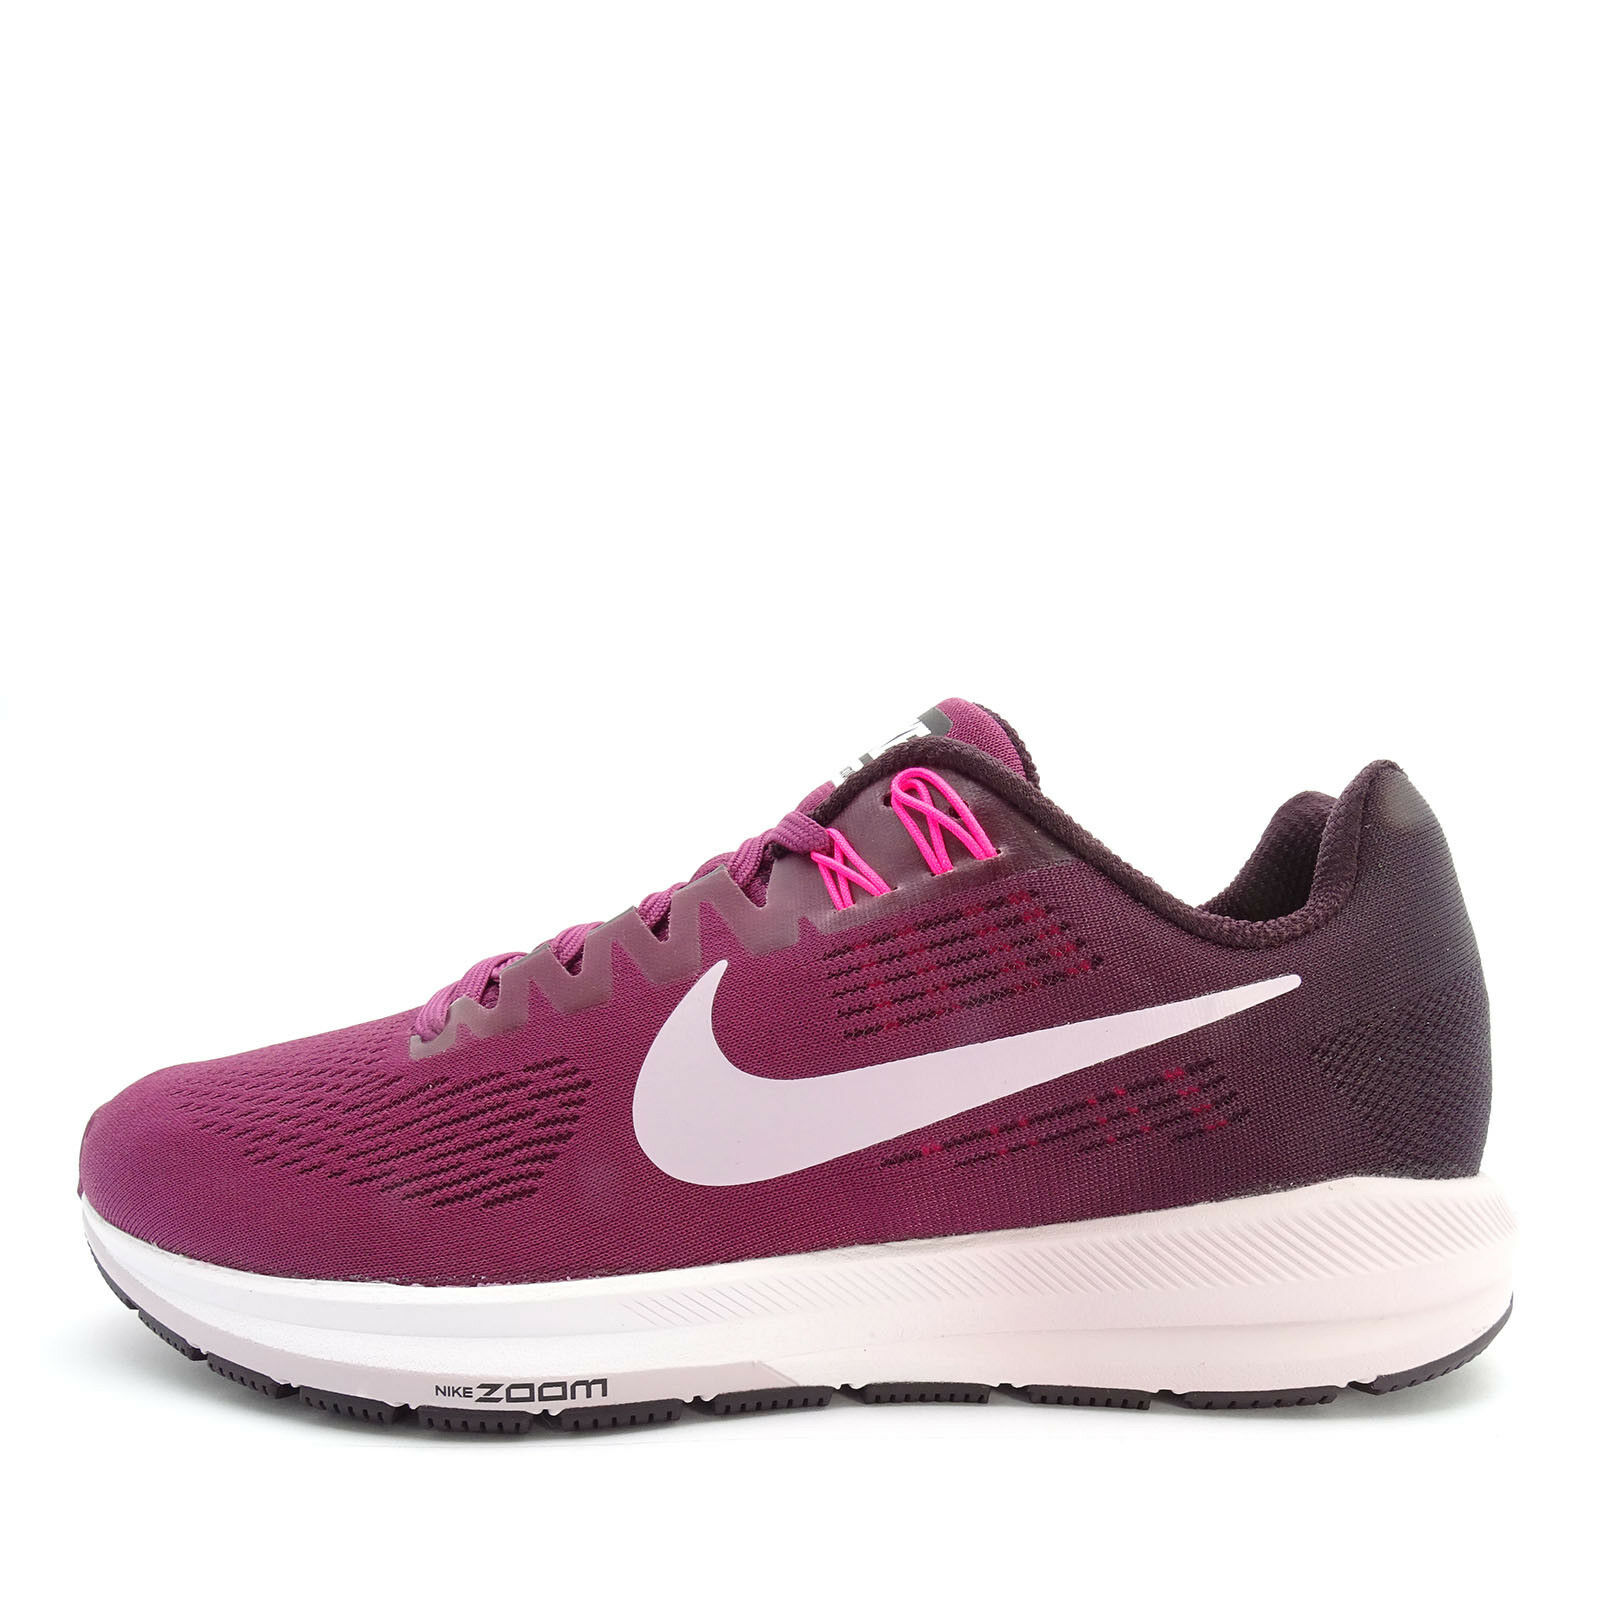 nike w air zoom femmes structure 21 [904701-605] les femmes zoom des chaussures de course thé berry / lilas cd4876